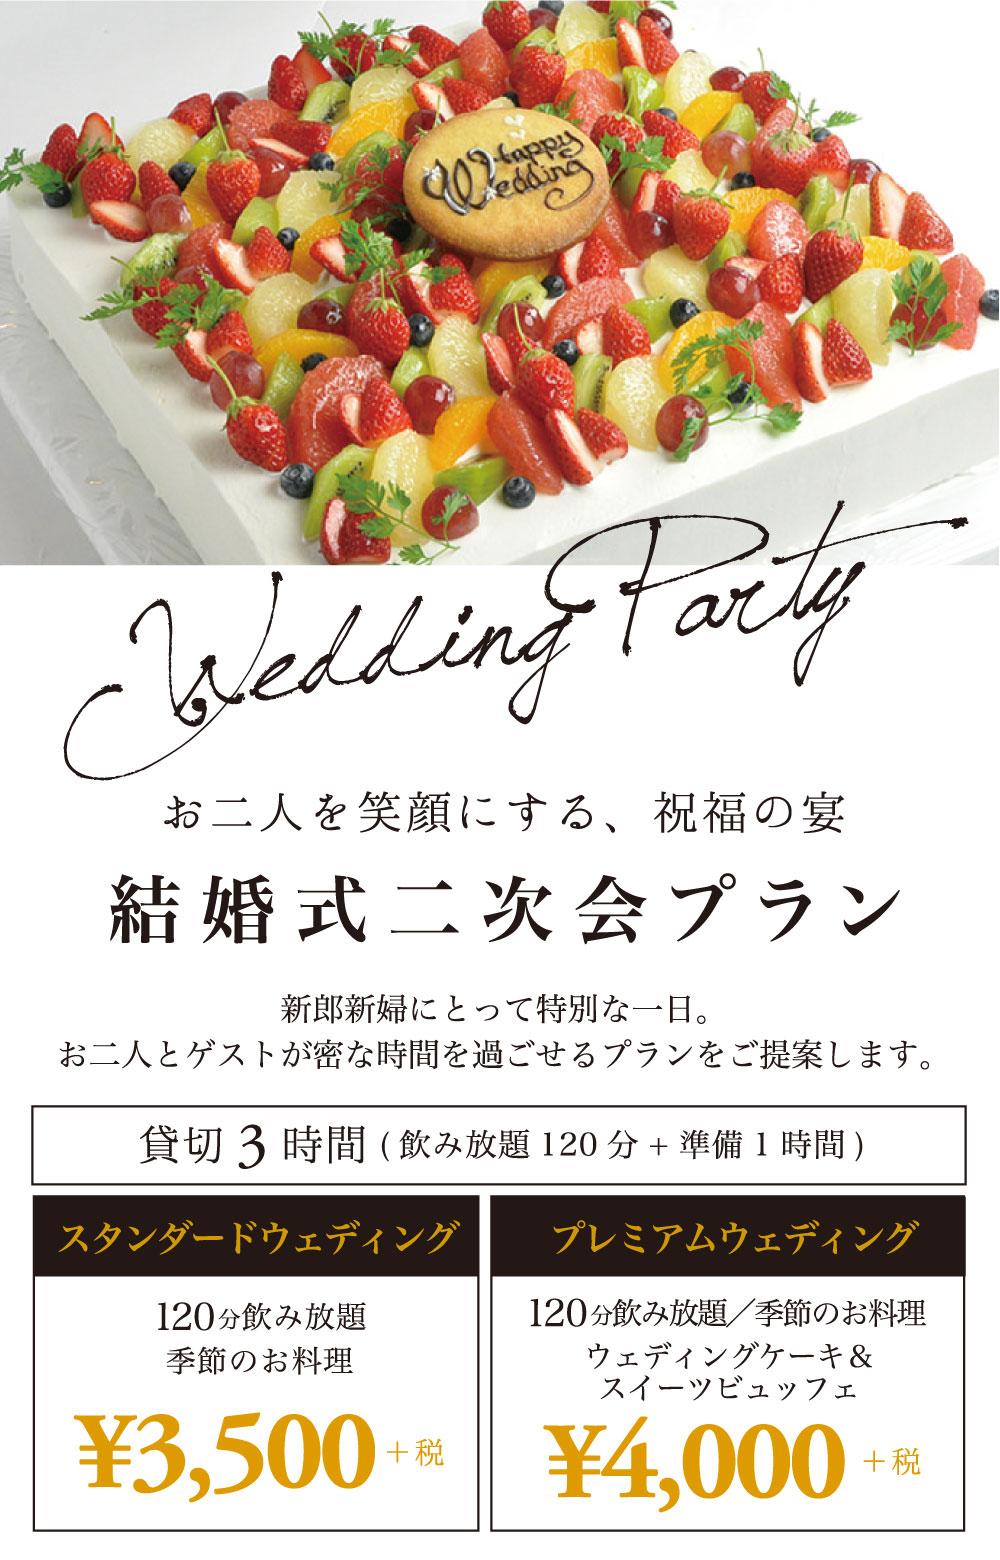 ウェディングプラン 結婚式2次会プラン